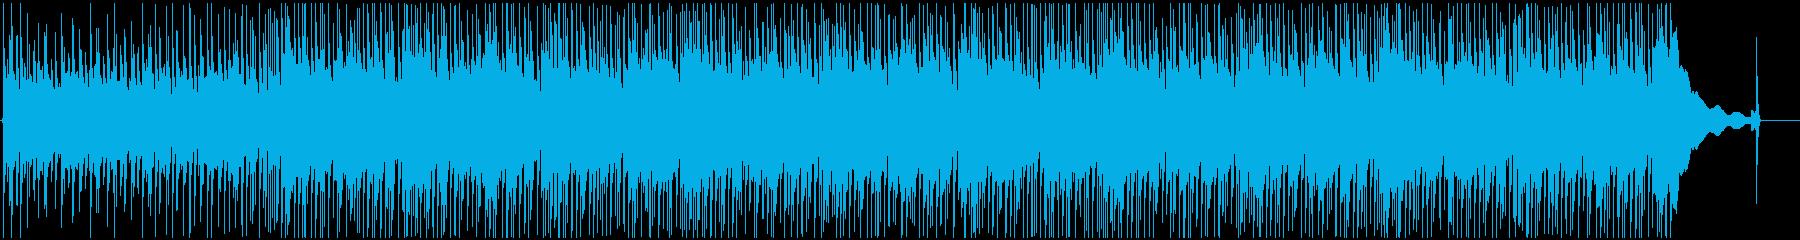 アナログで情緒的なギターのポップスの再生済みの波形